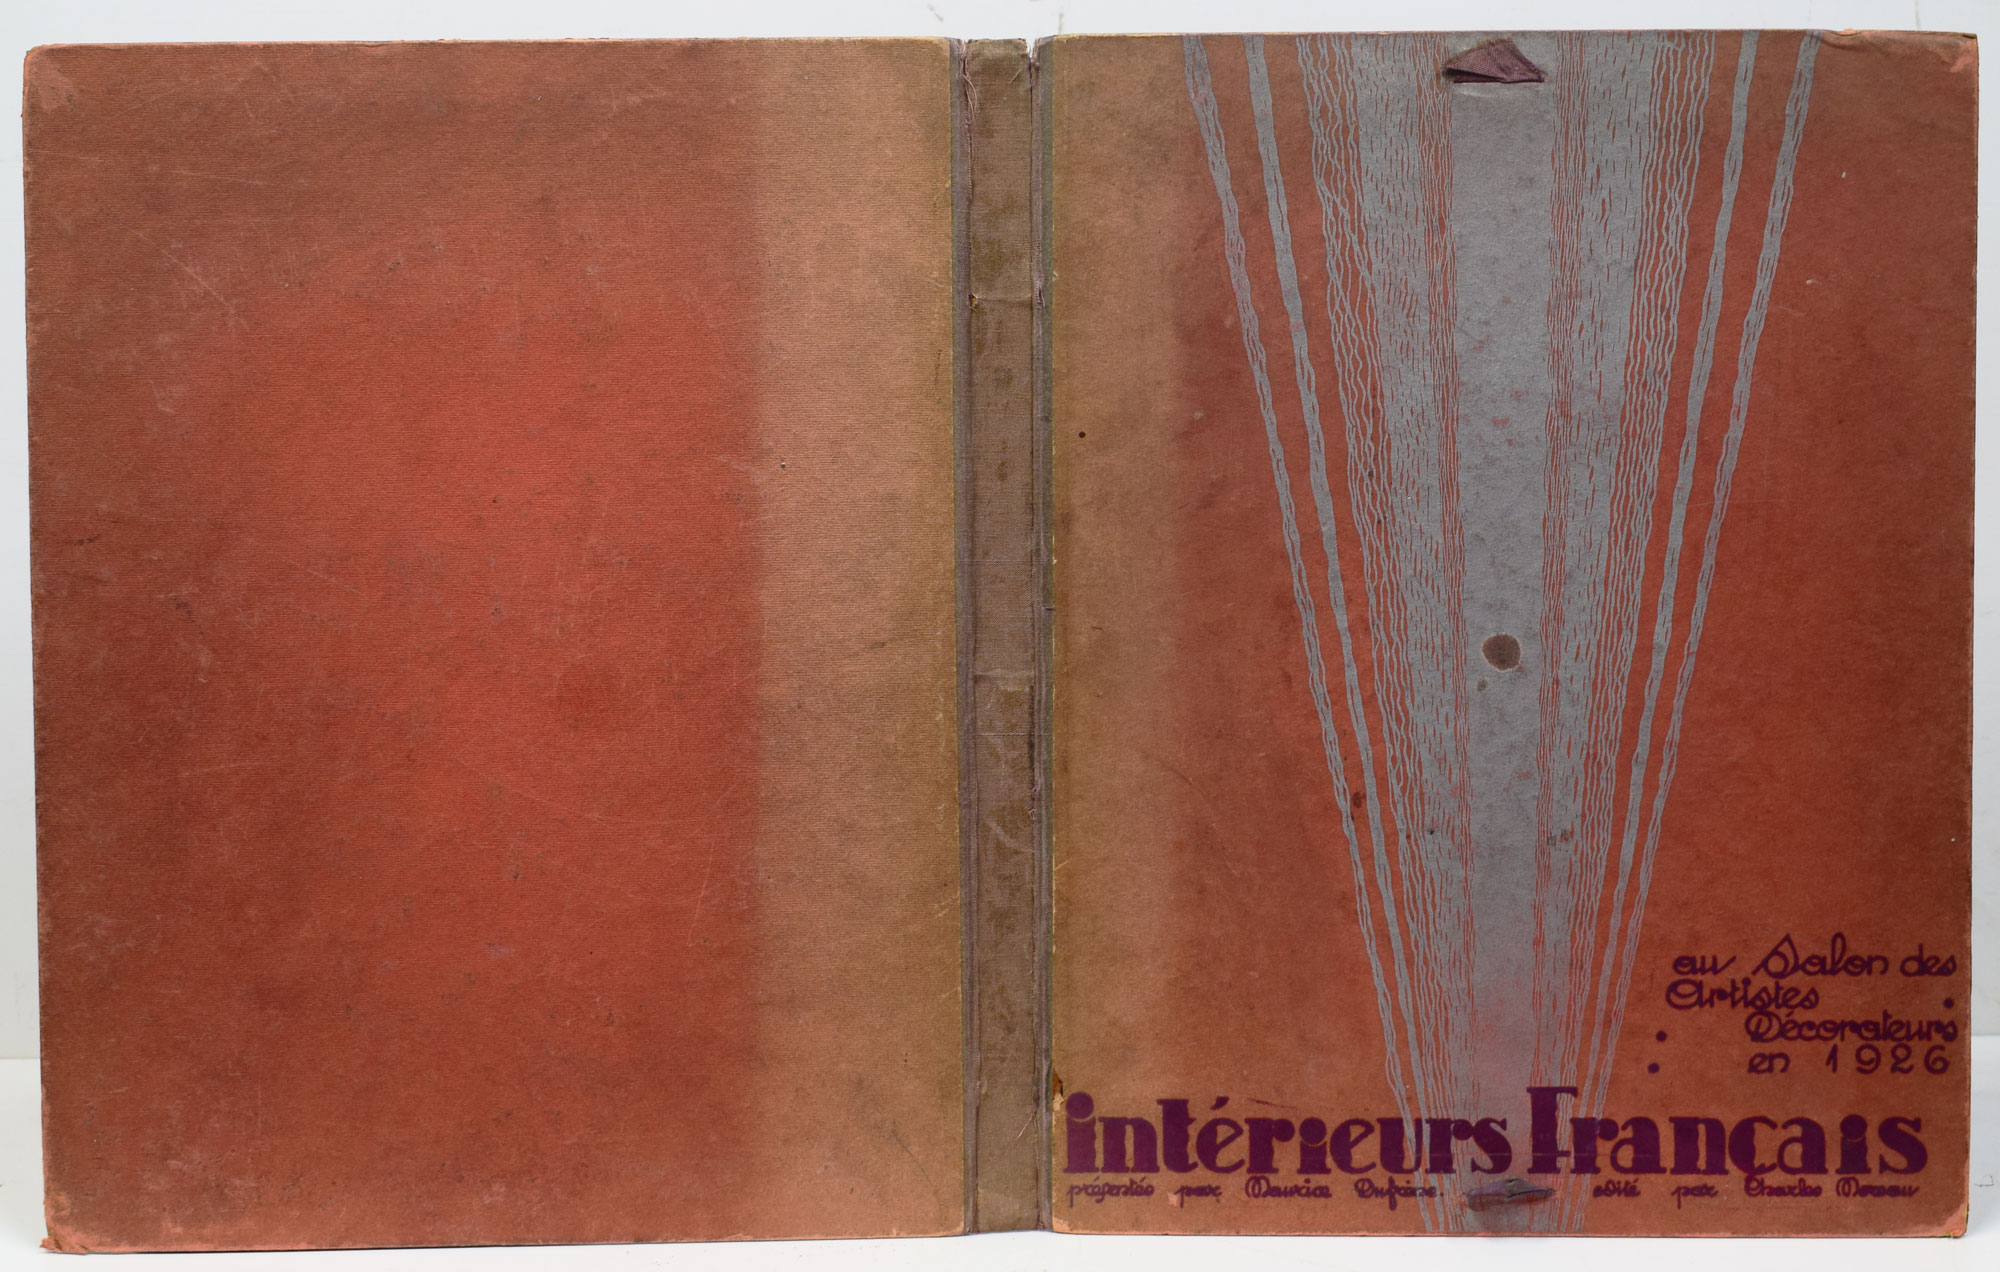 DUFRENE, MAURICE; MOREAU, CHARLES - Interieurs Francais en Salon Des Artistes Decorateurs en 1926